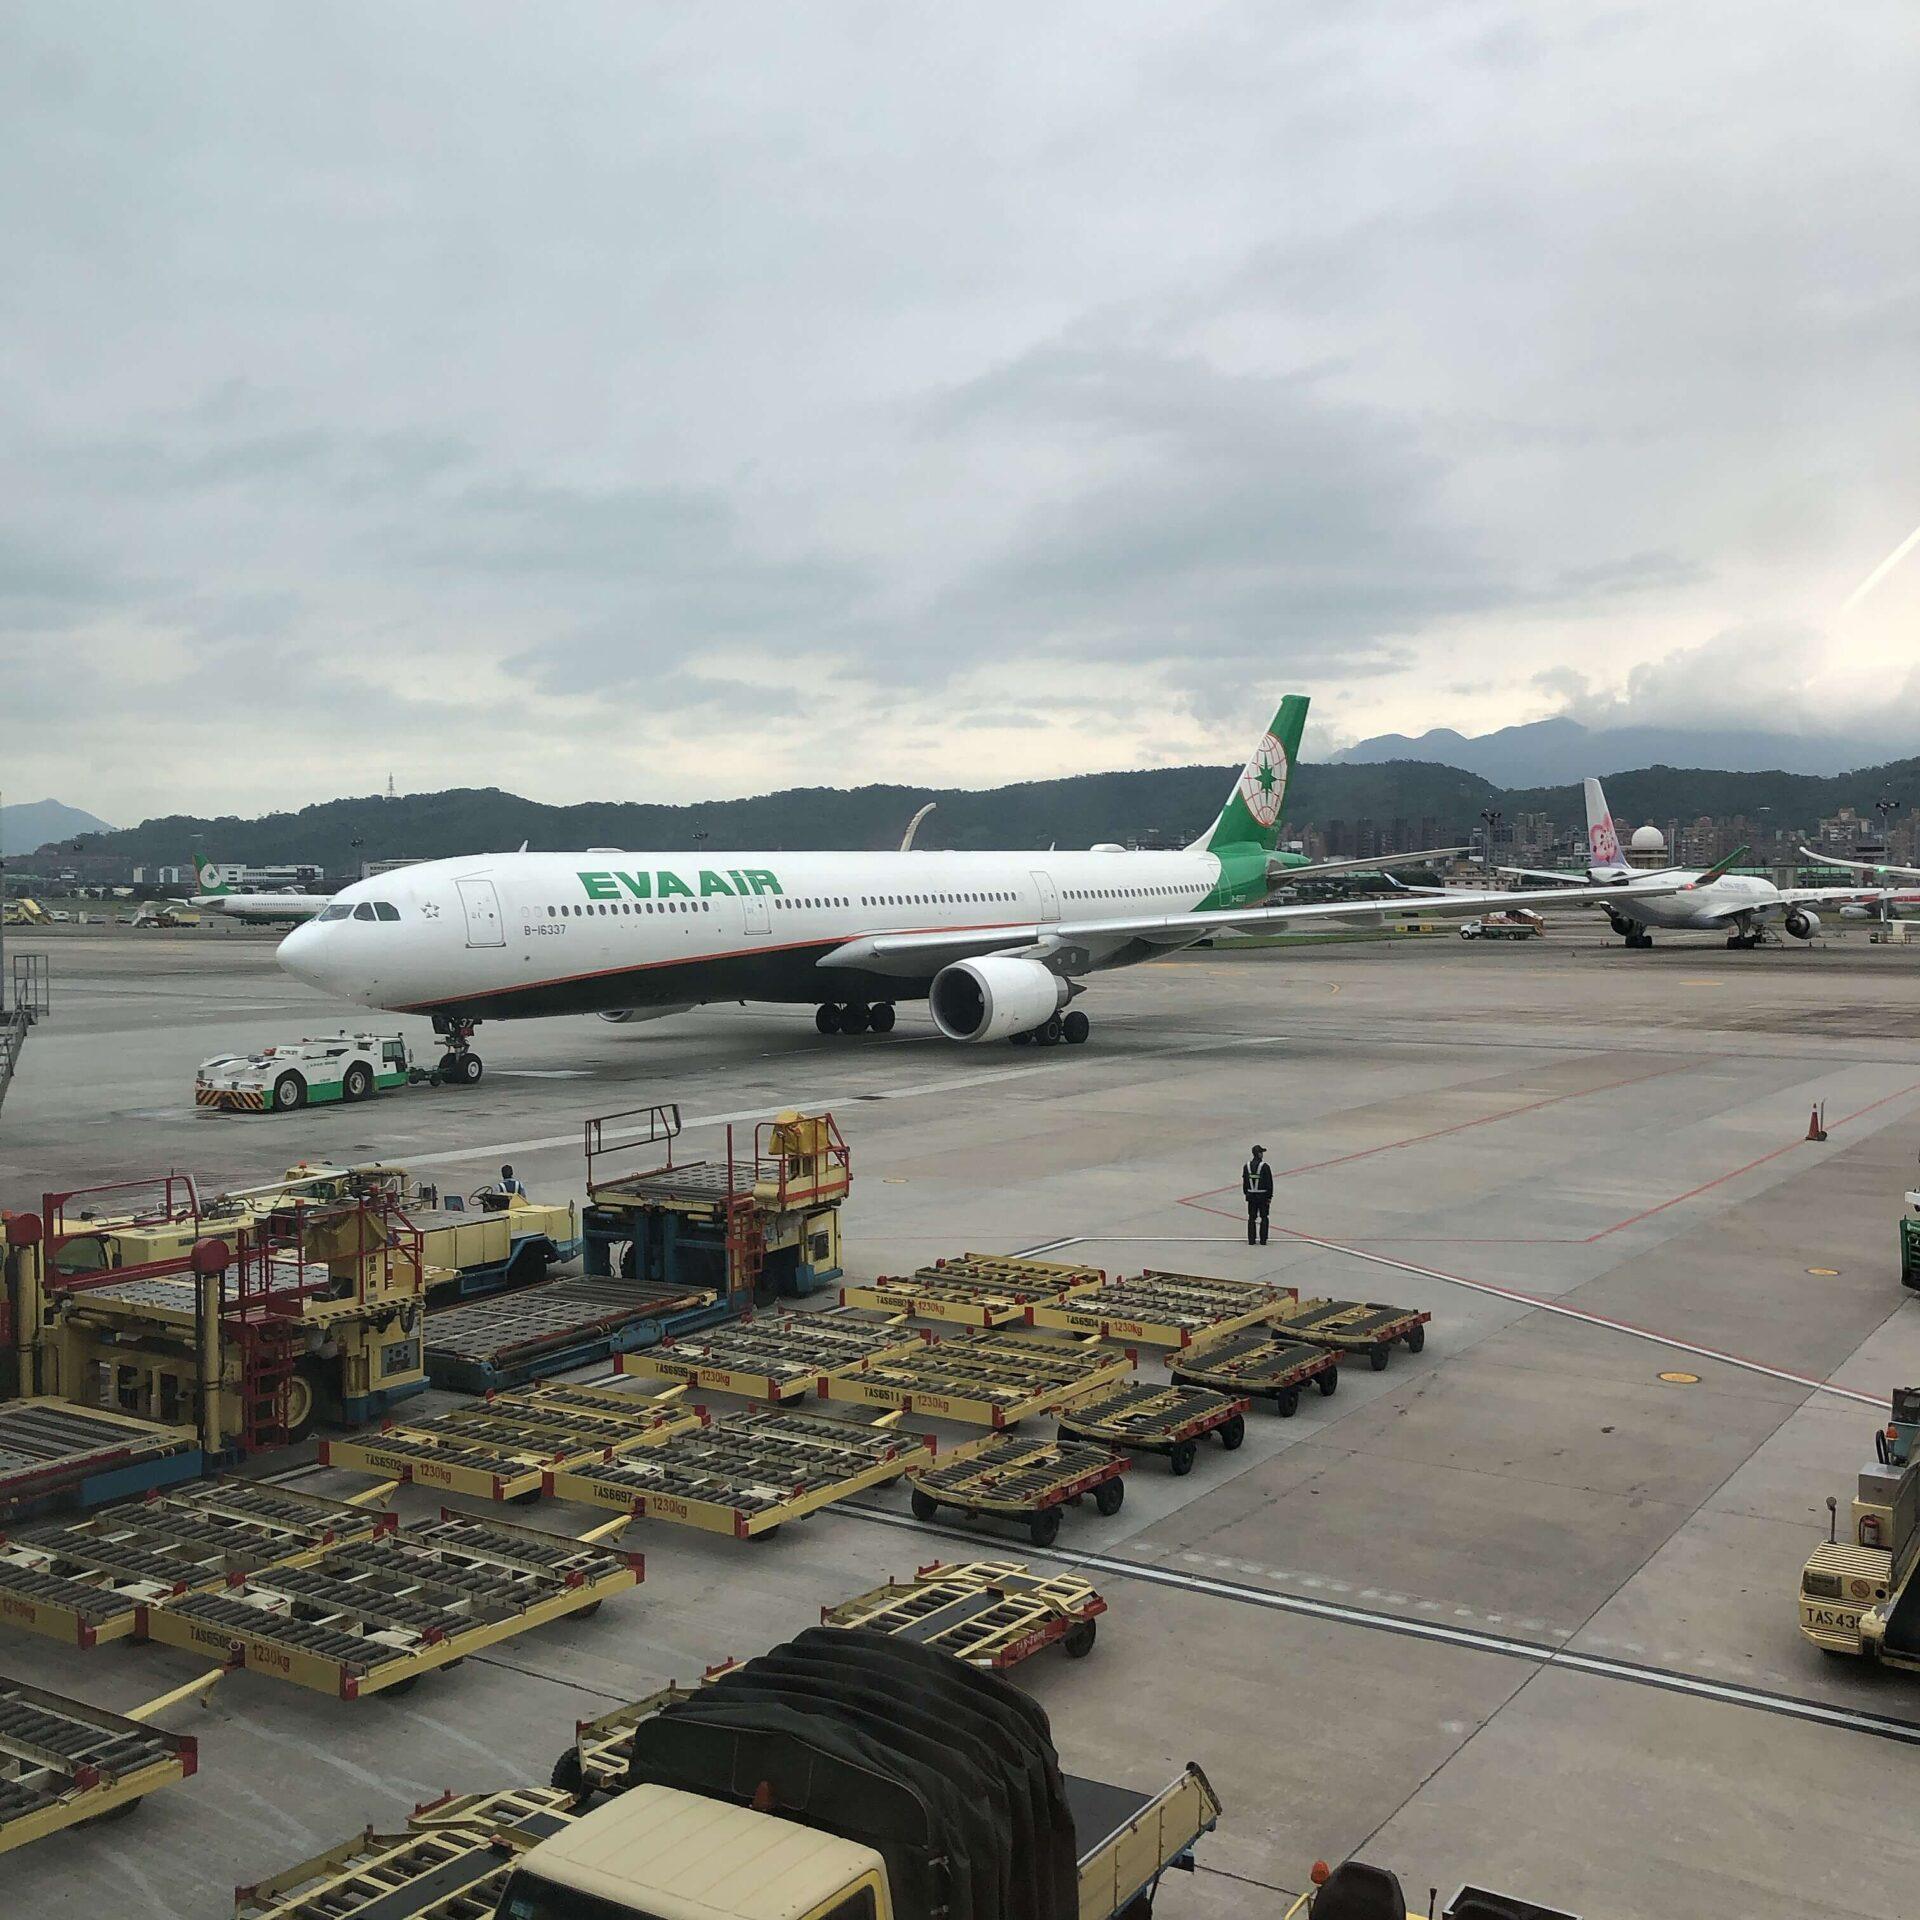 松山空港で撮影したエバー航空の機体